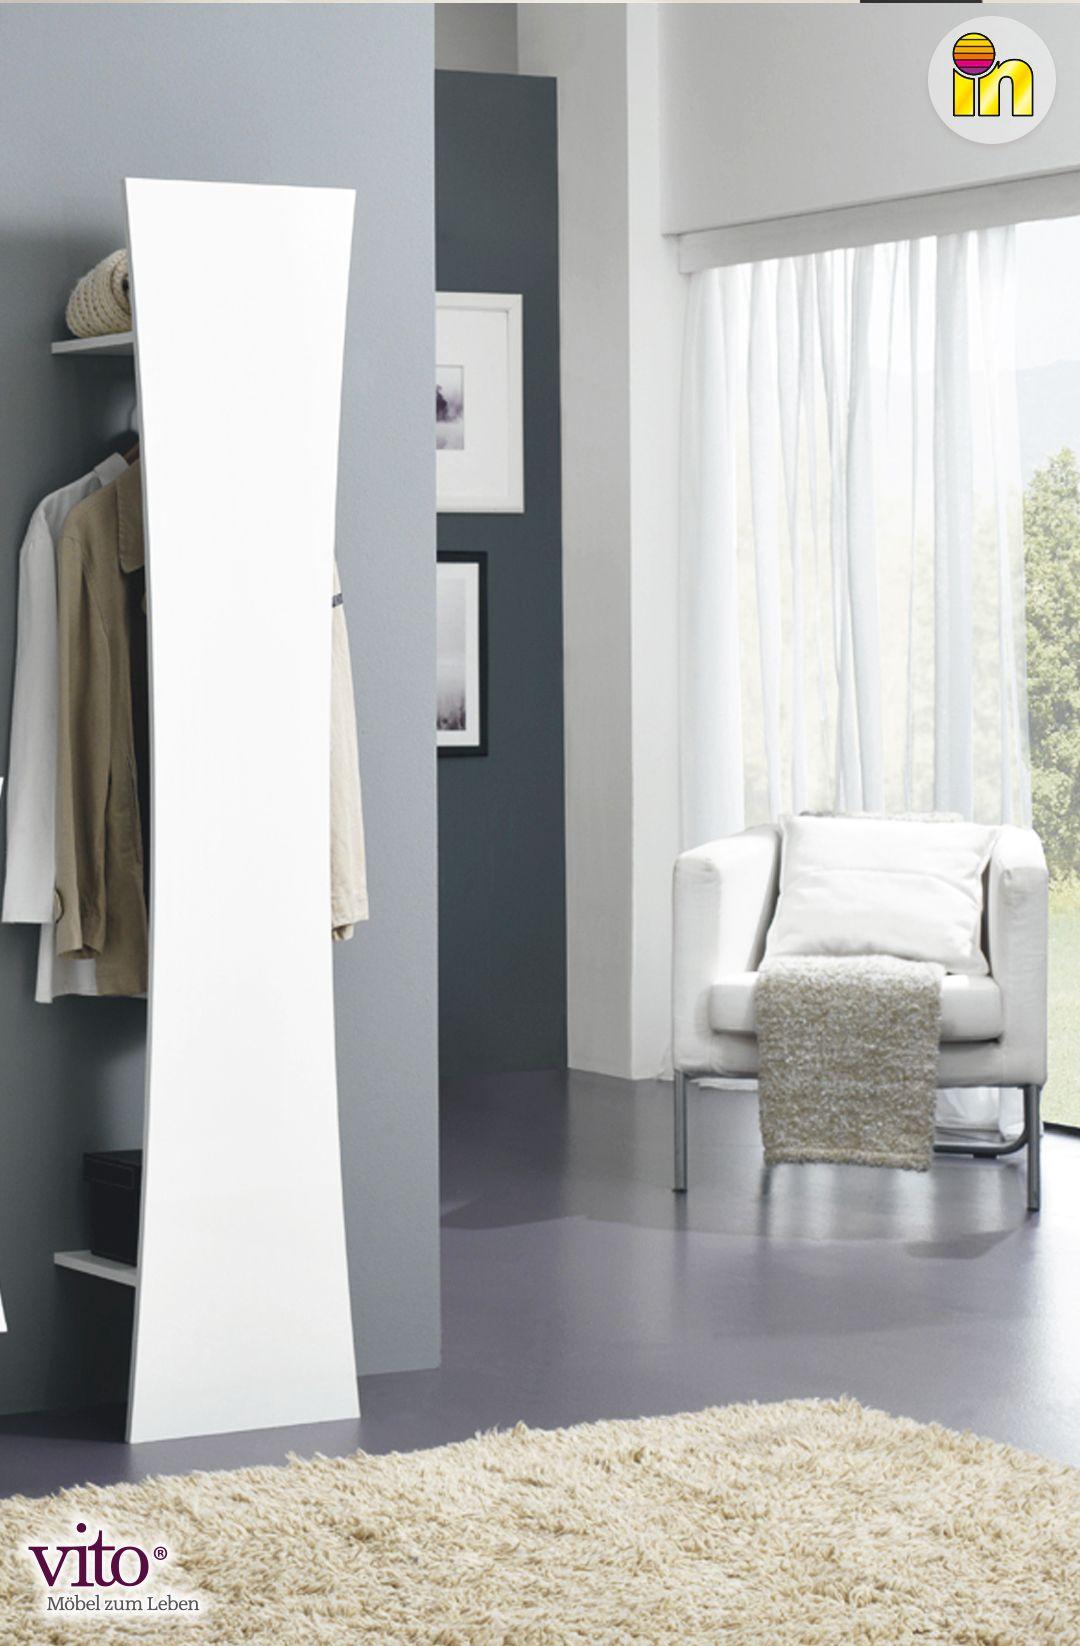 Garderobenpaneel In 2020 Garderobenpaneel Garderobe Und Schrankwand